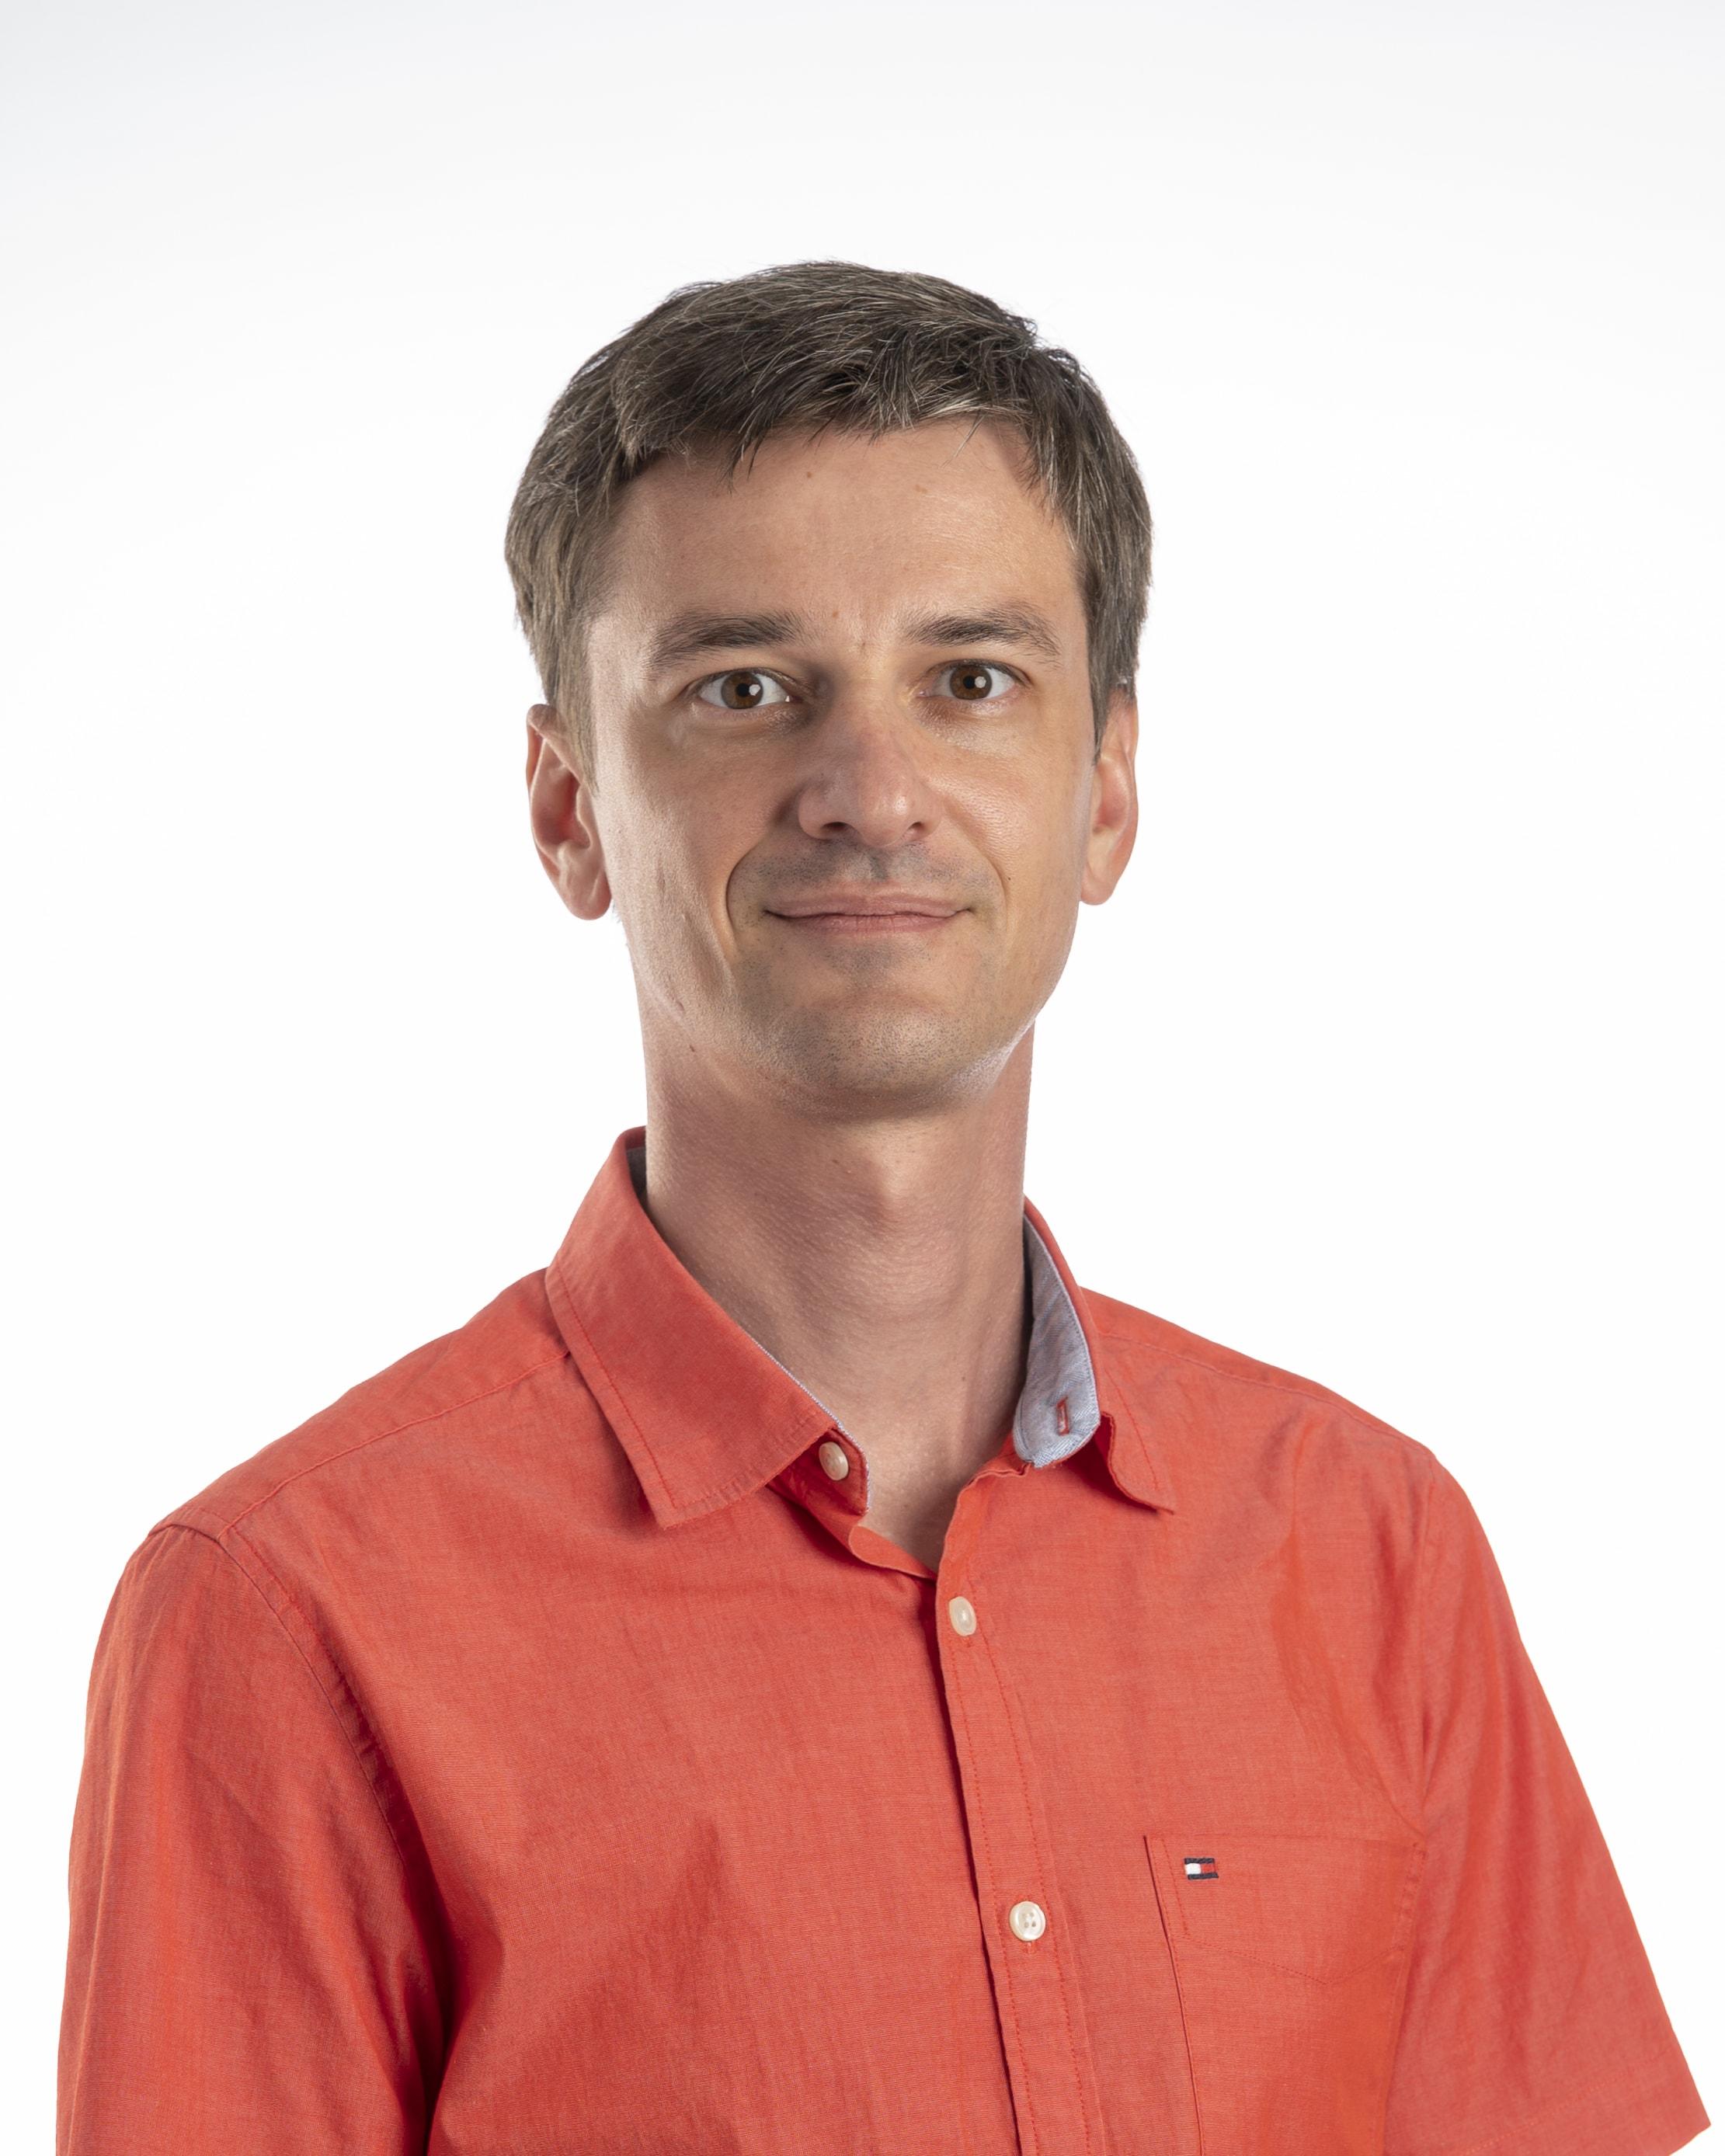 Oleg Karaduta, Ph.D.